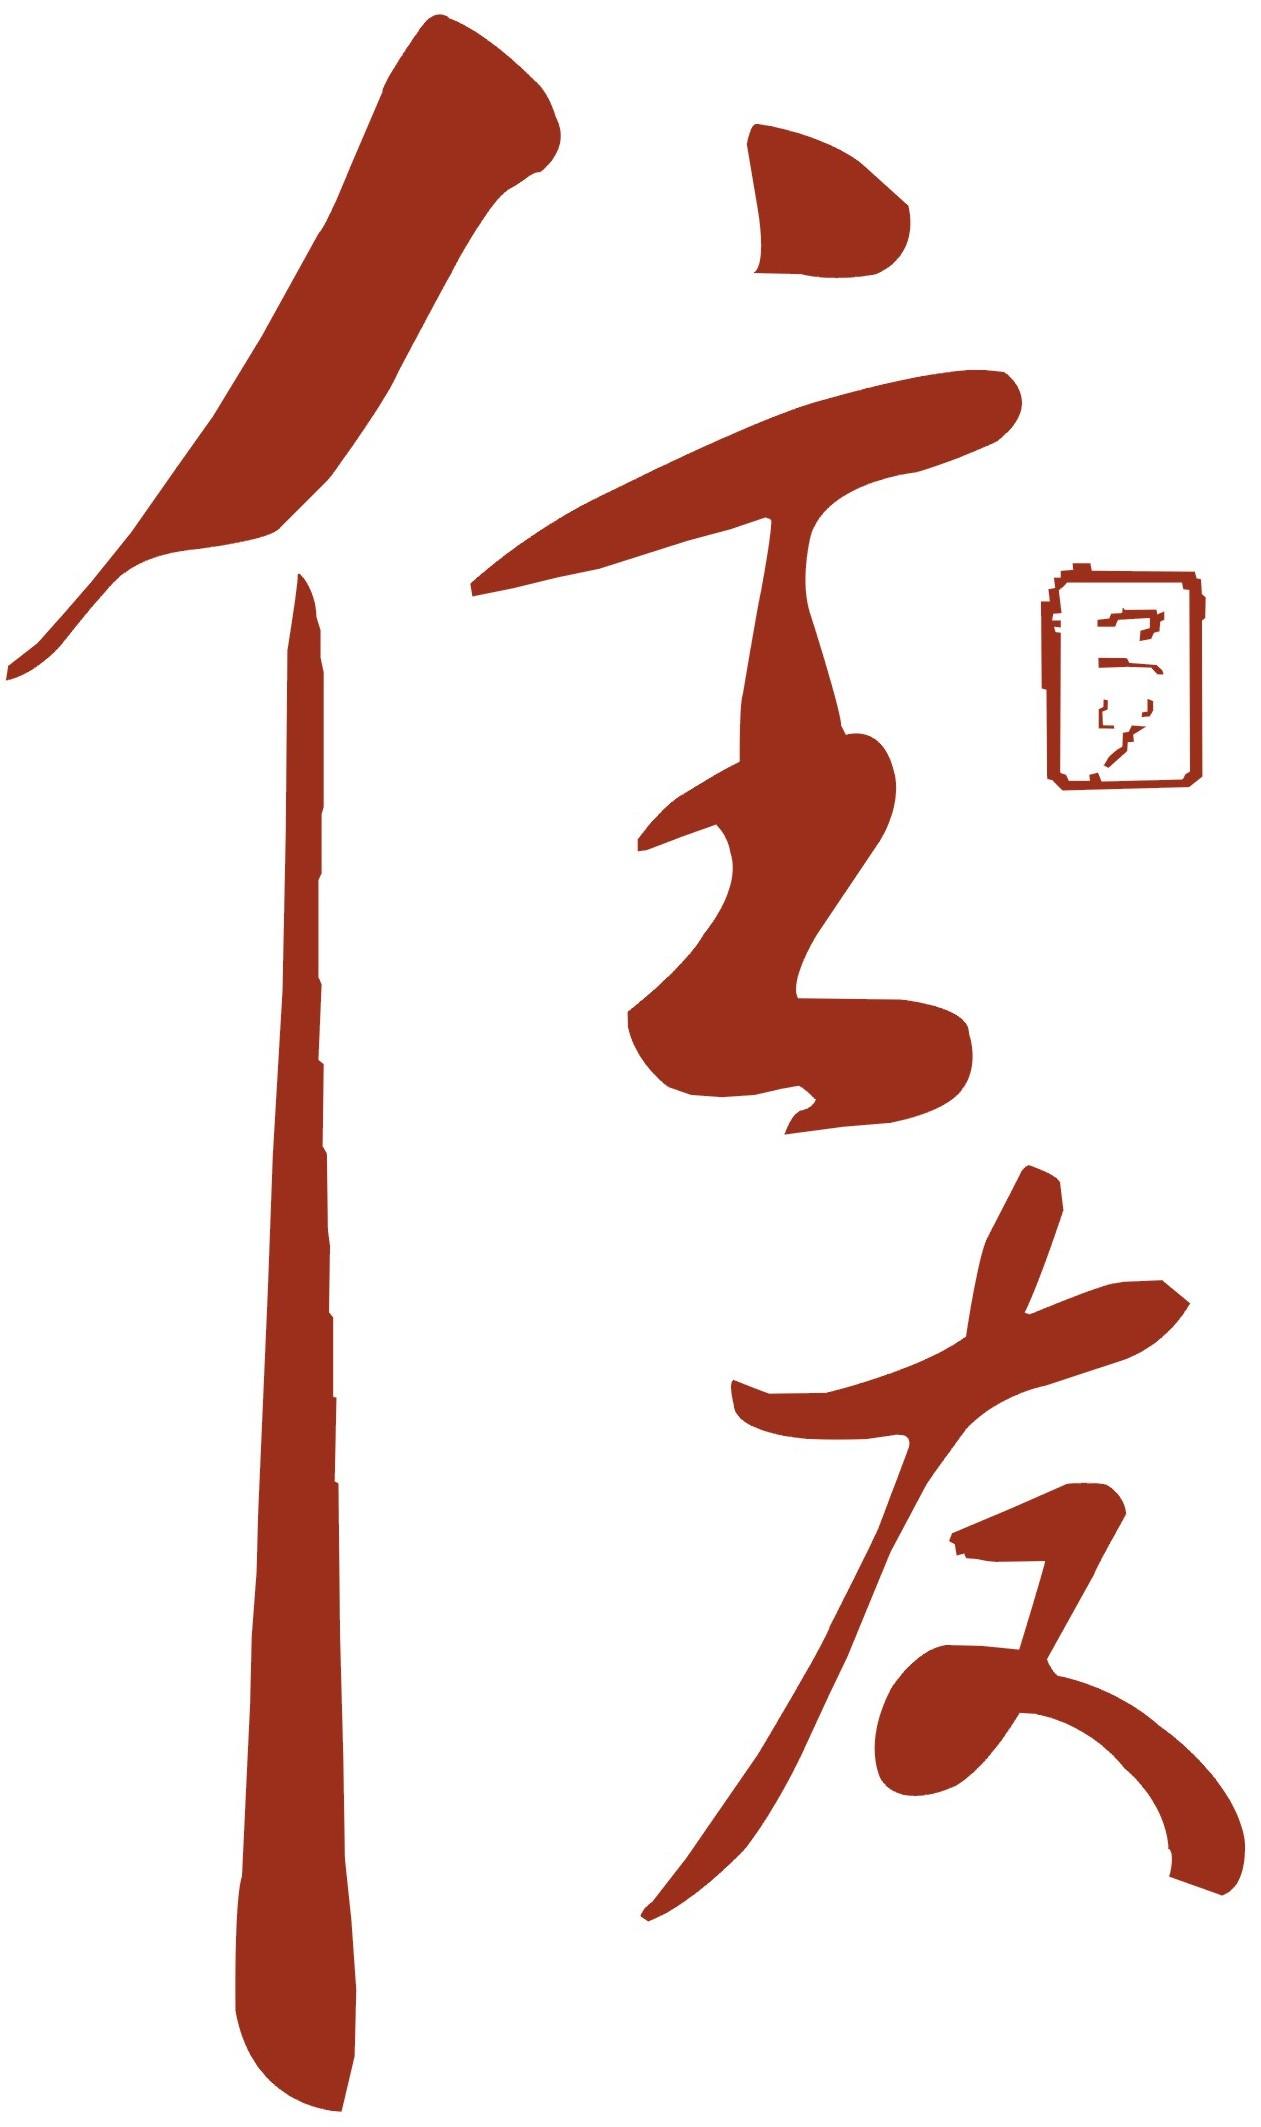 郑州住友不动产咨询有限公司